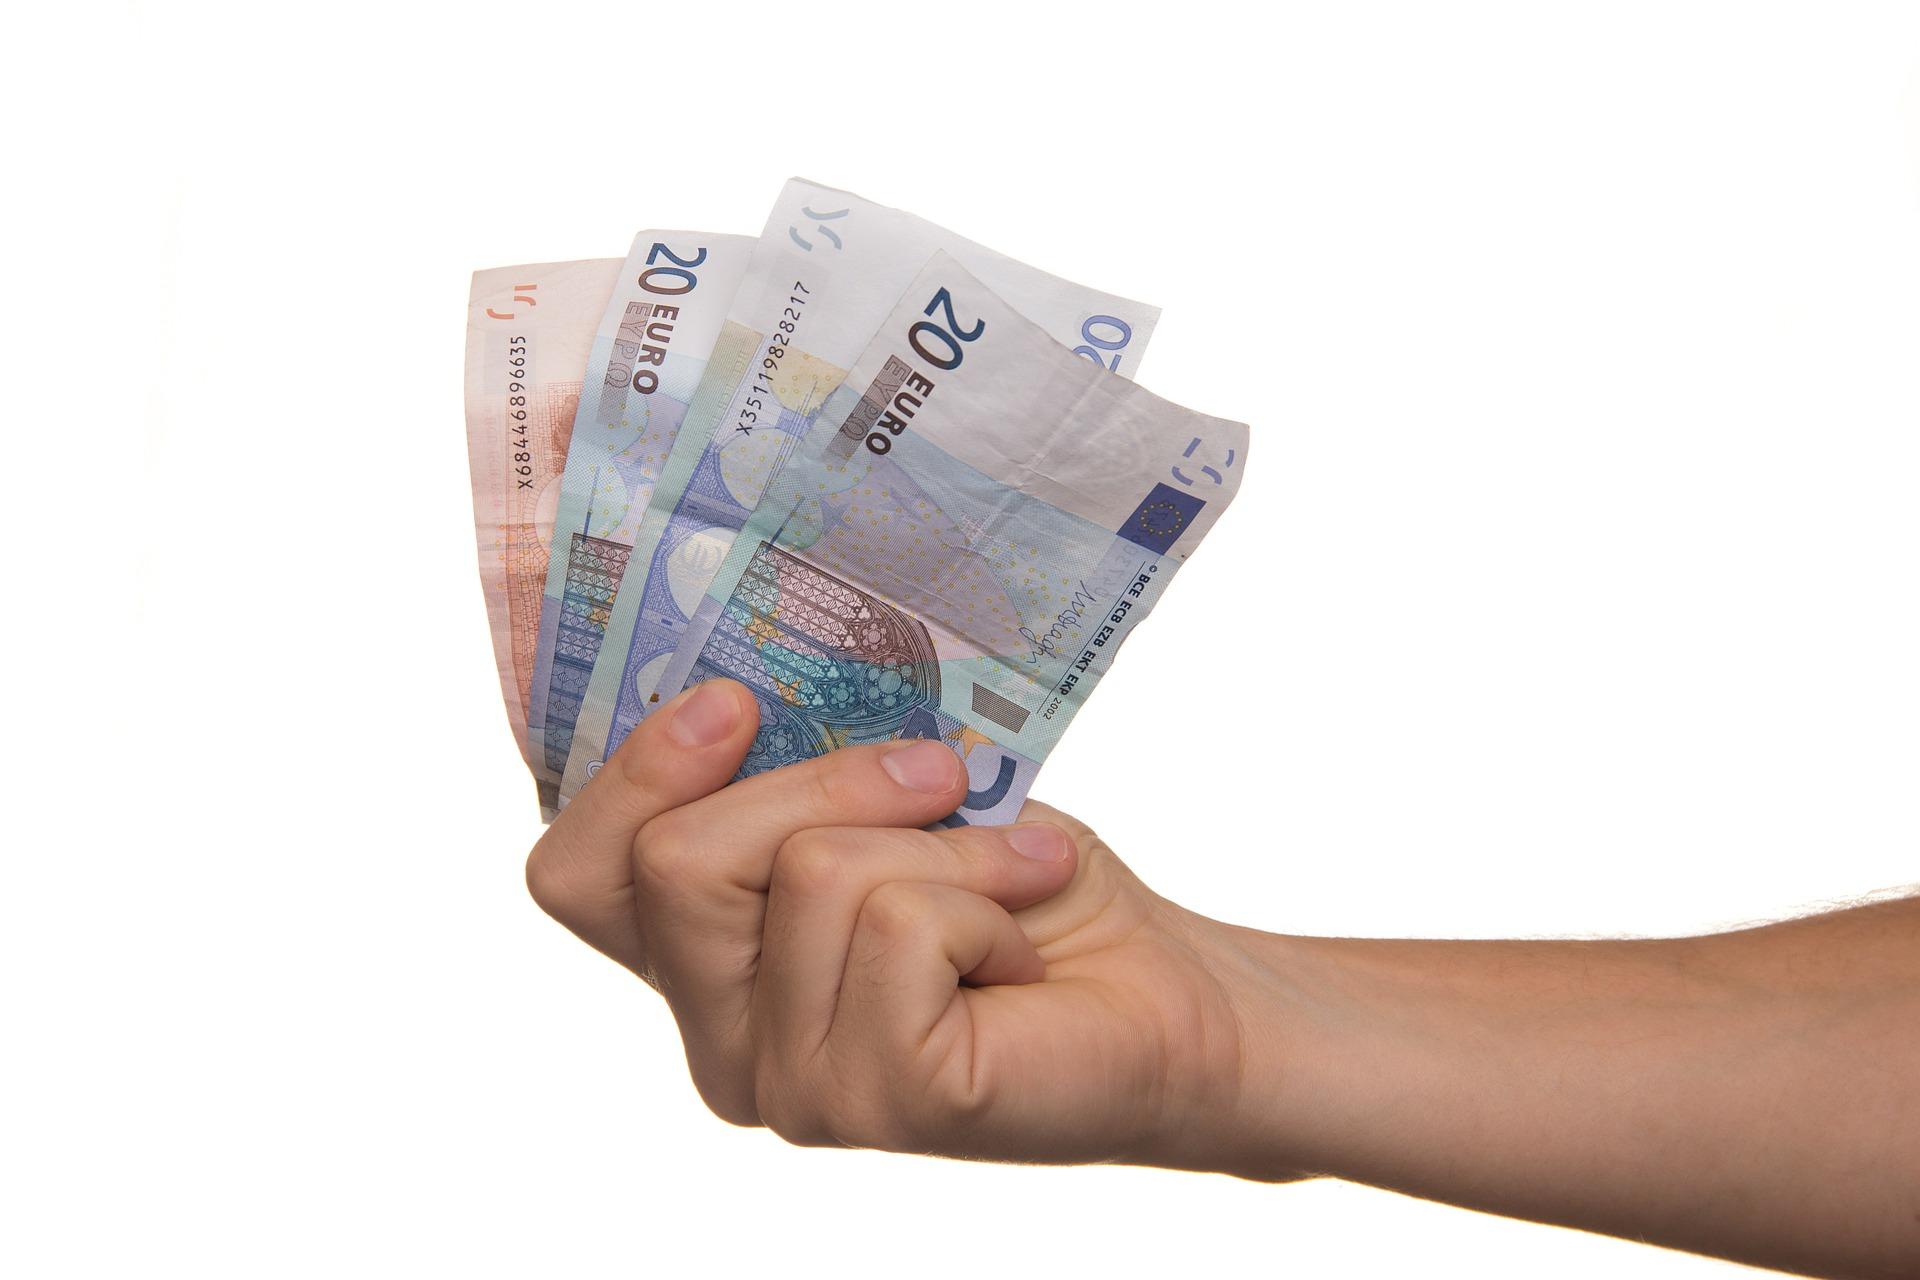 pengesedler i hånden